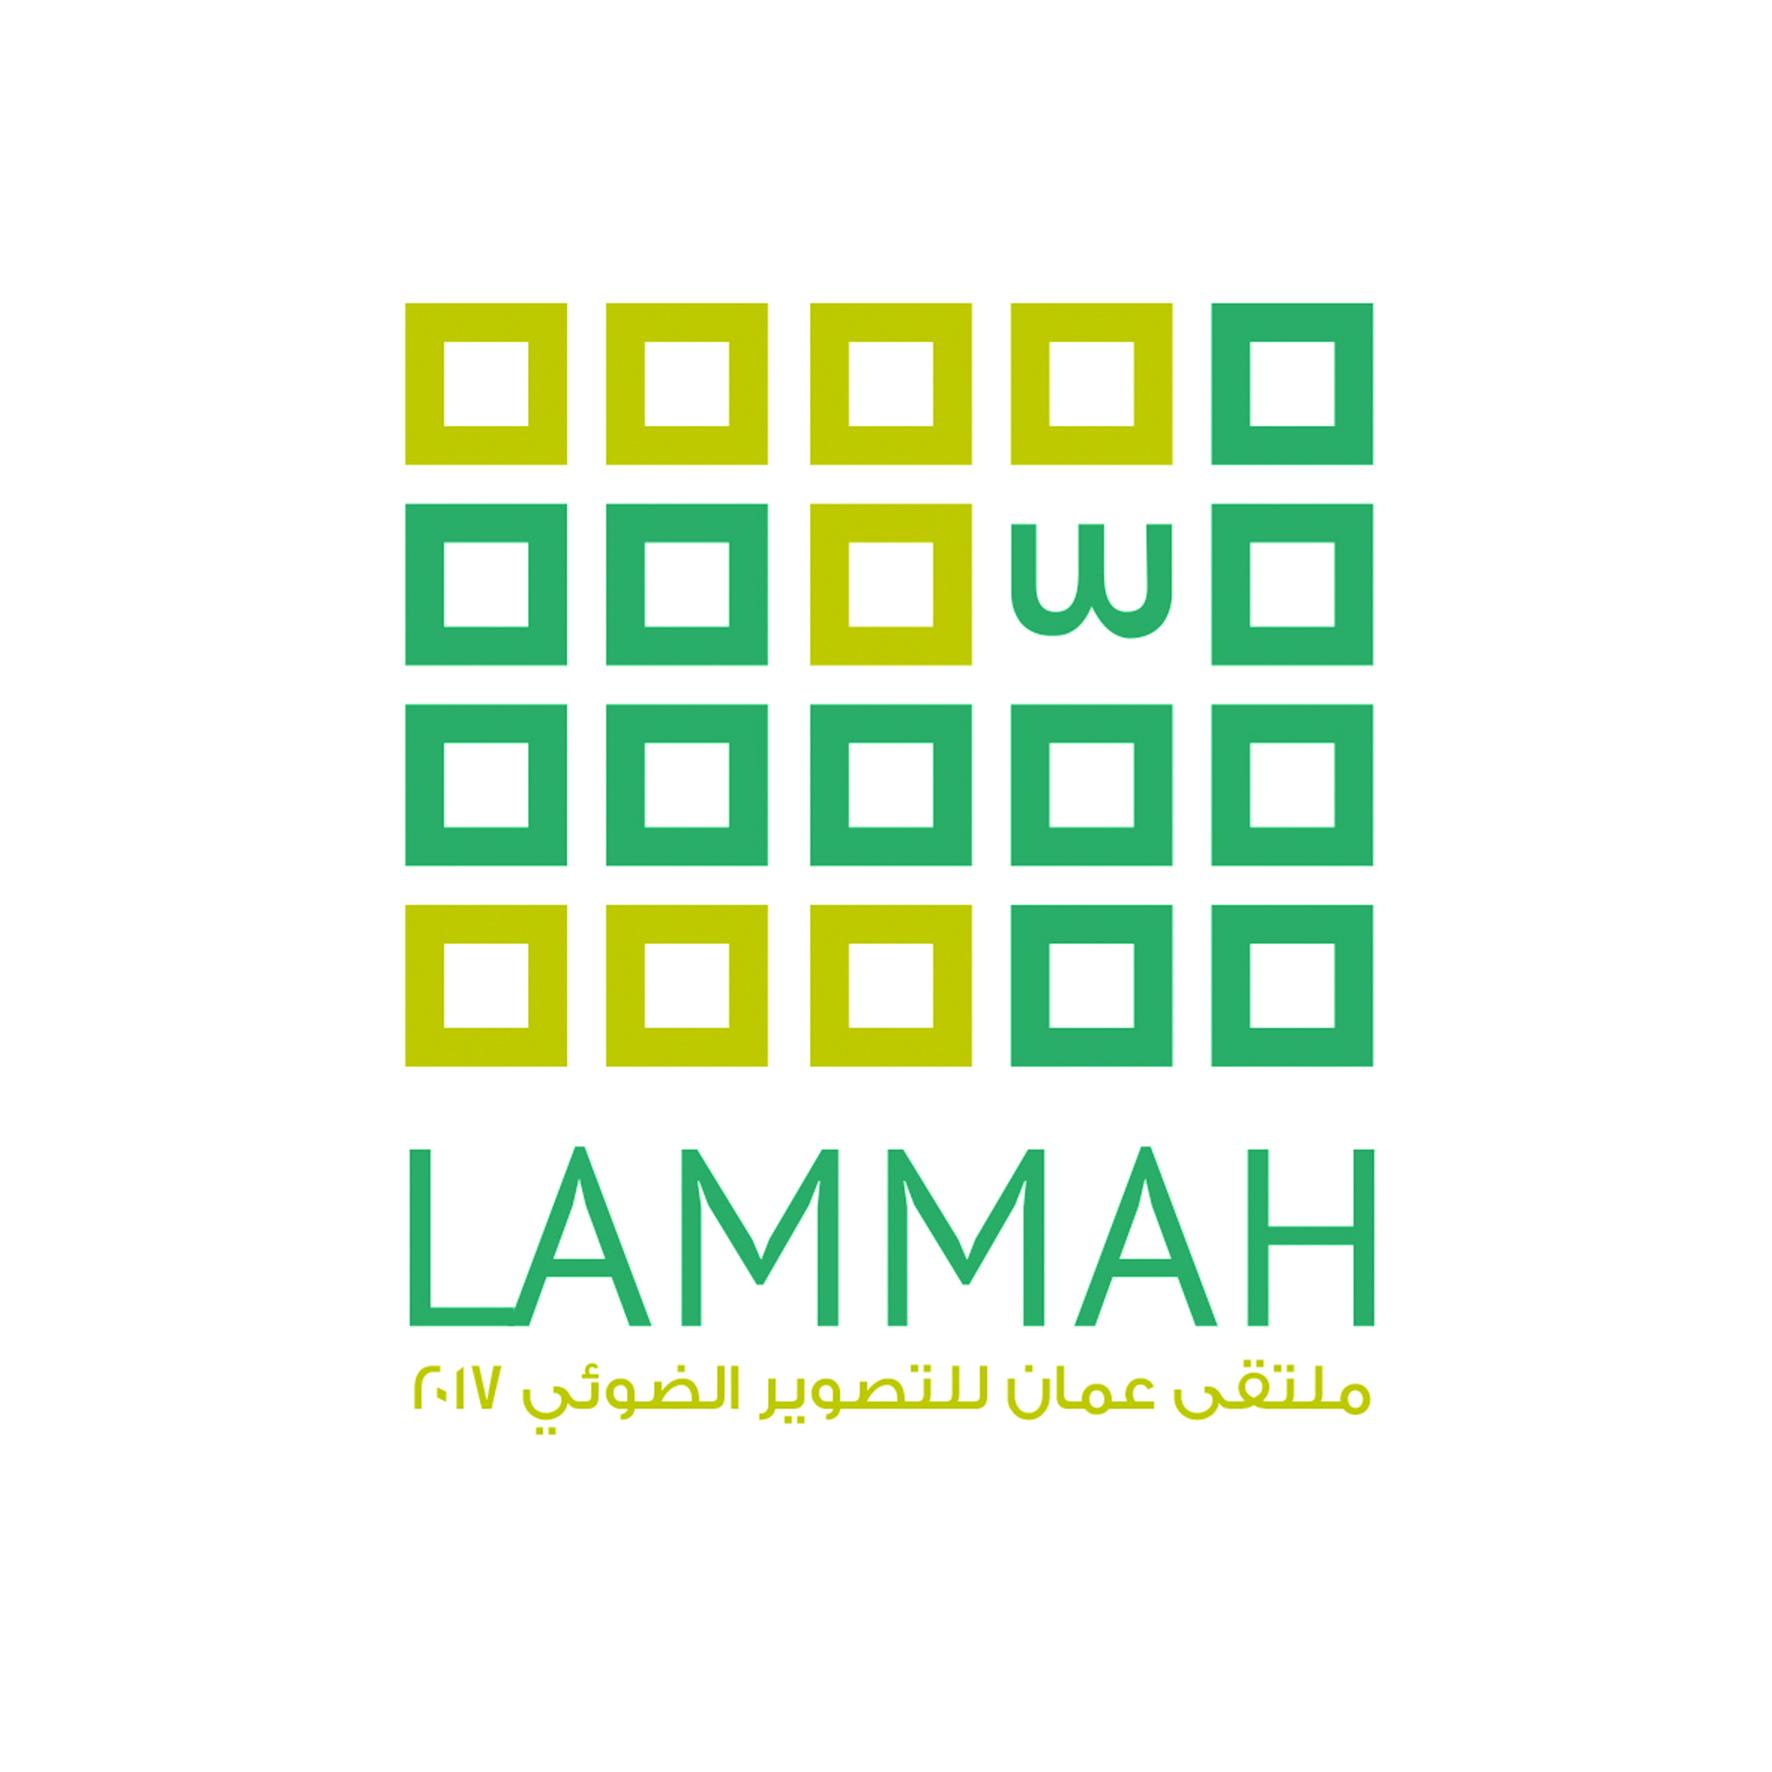 اليوم.. افتتاح ملتقى عُمان الأول للتصوير الضوئي